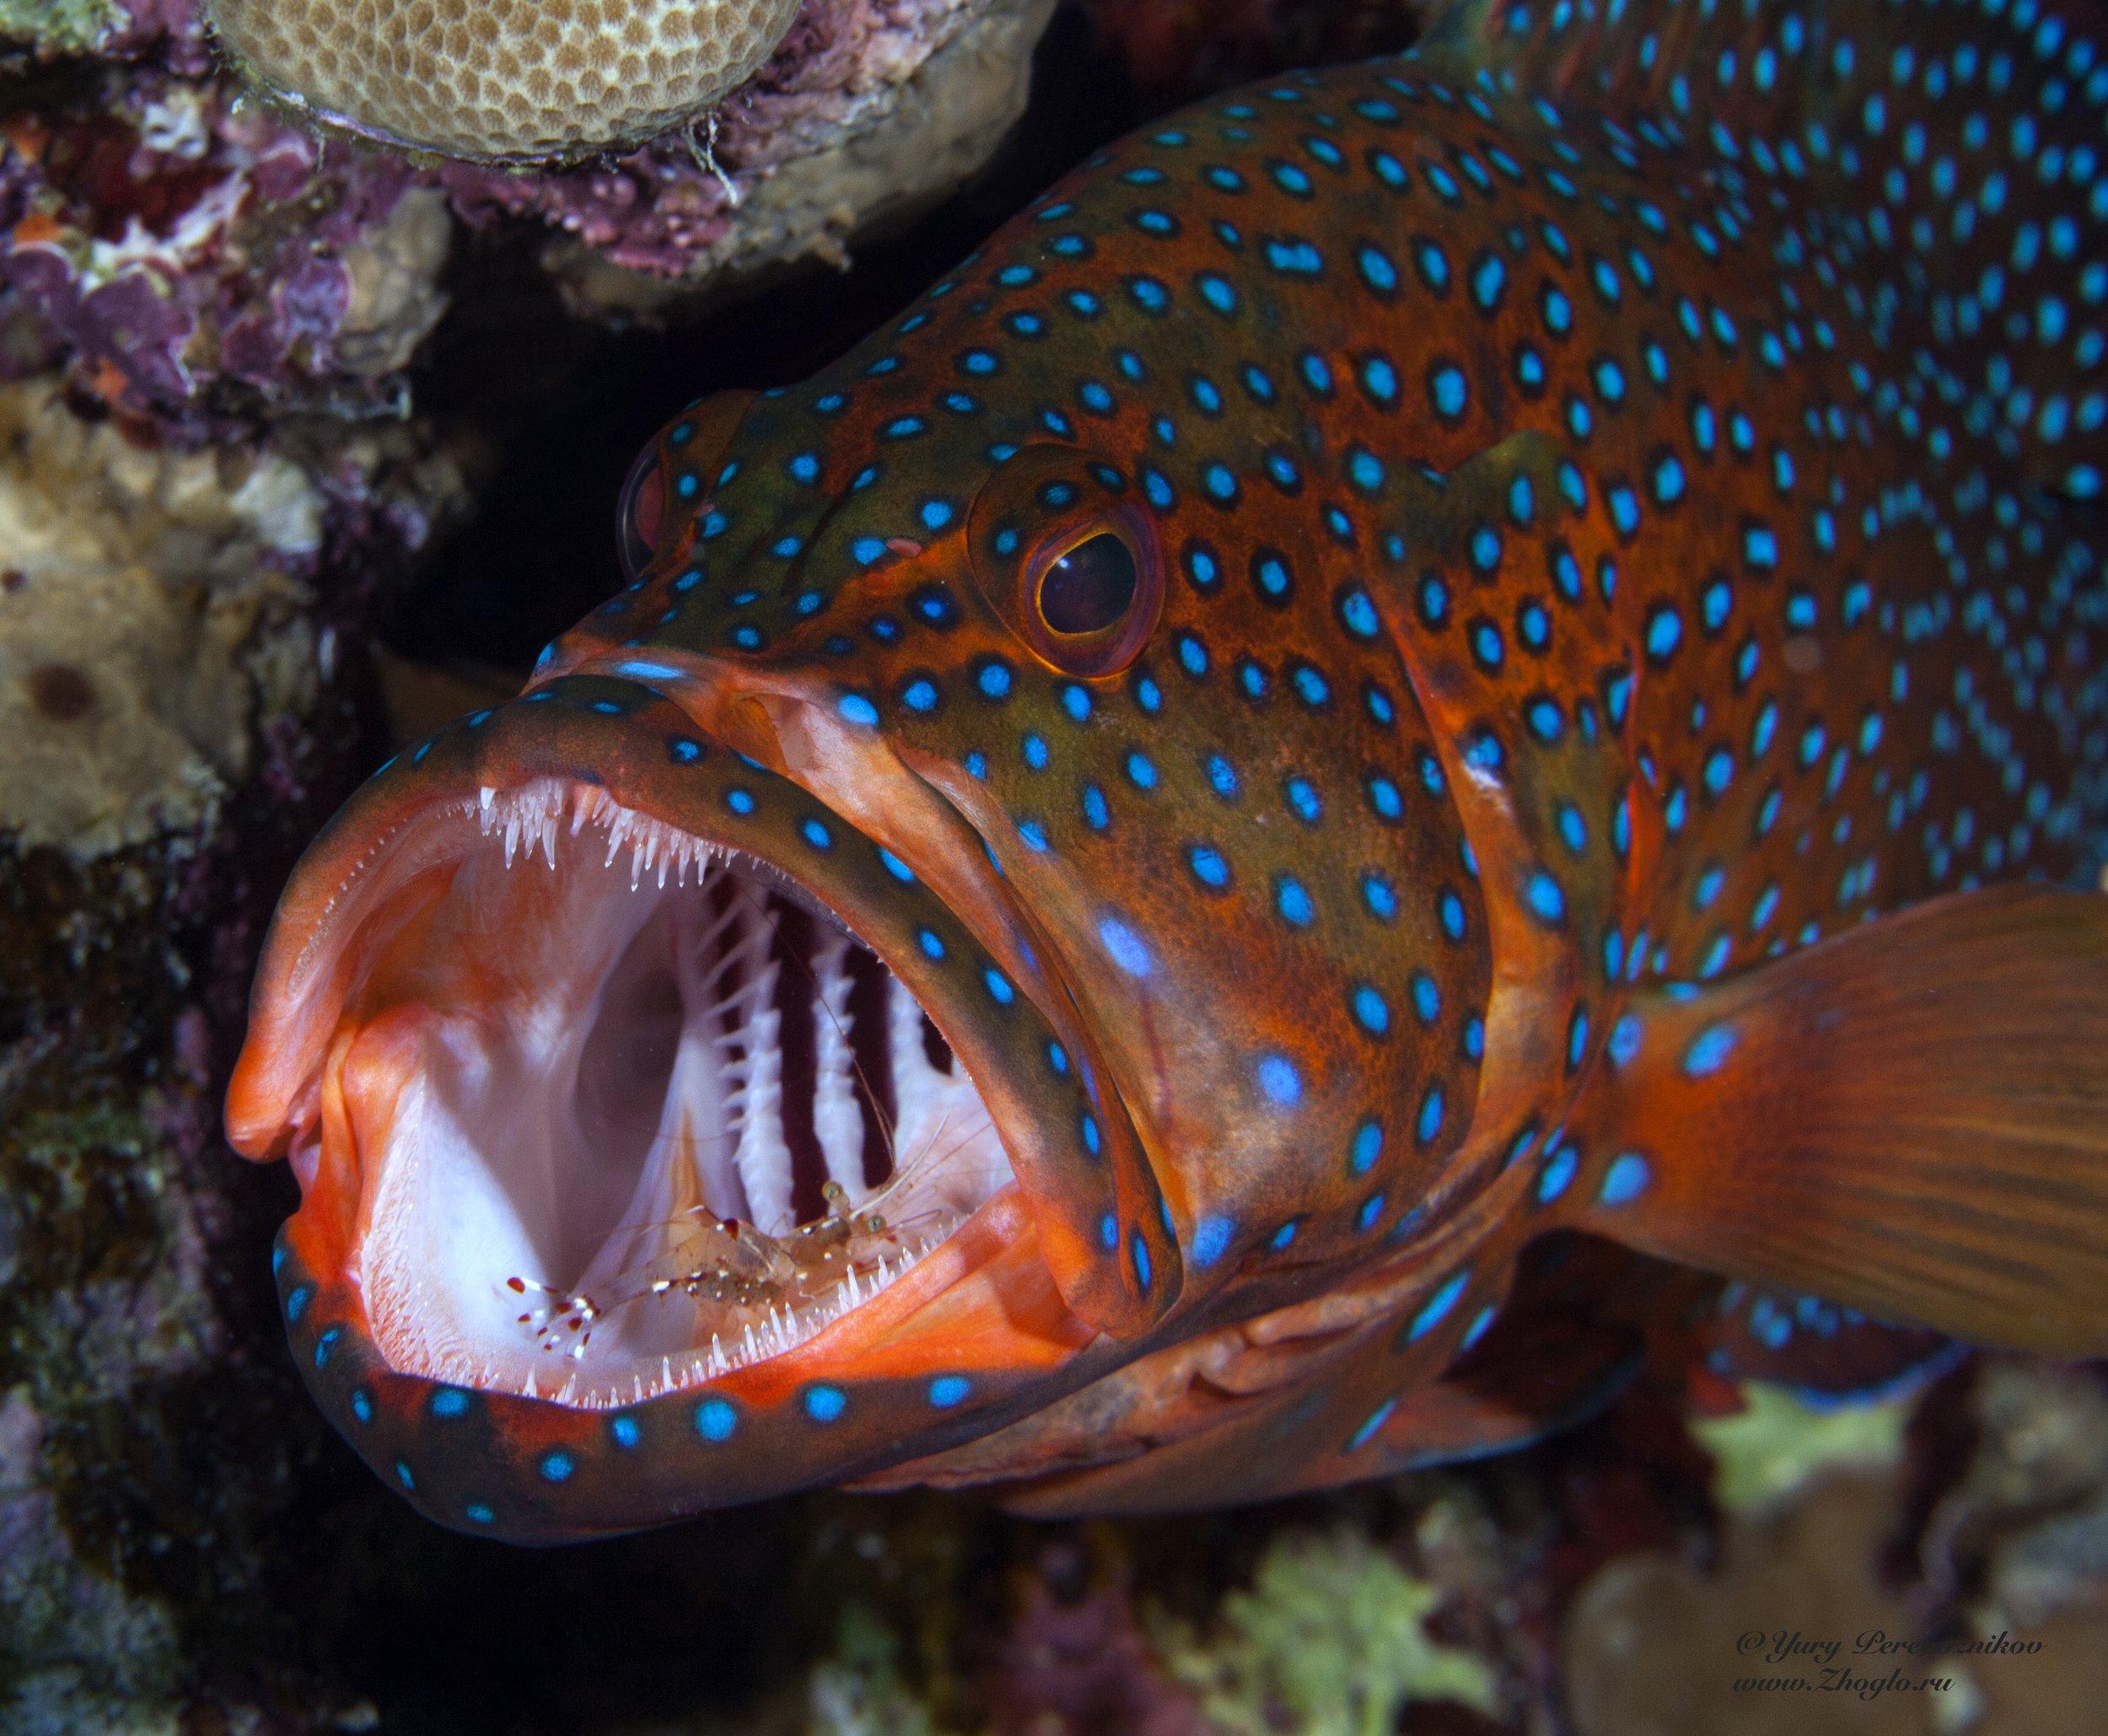 египет красное море, хургада дайвинг подводное фото, Перевозников Юрий